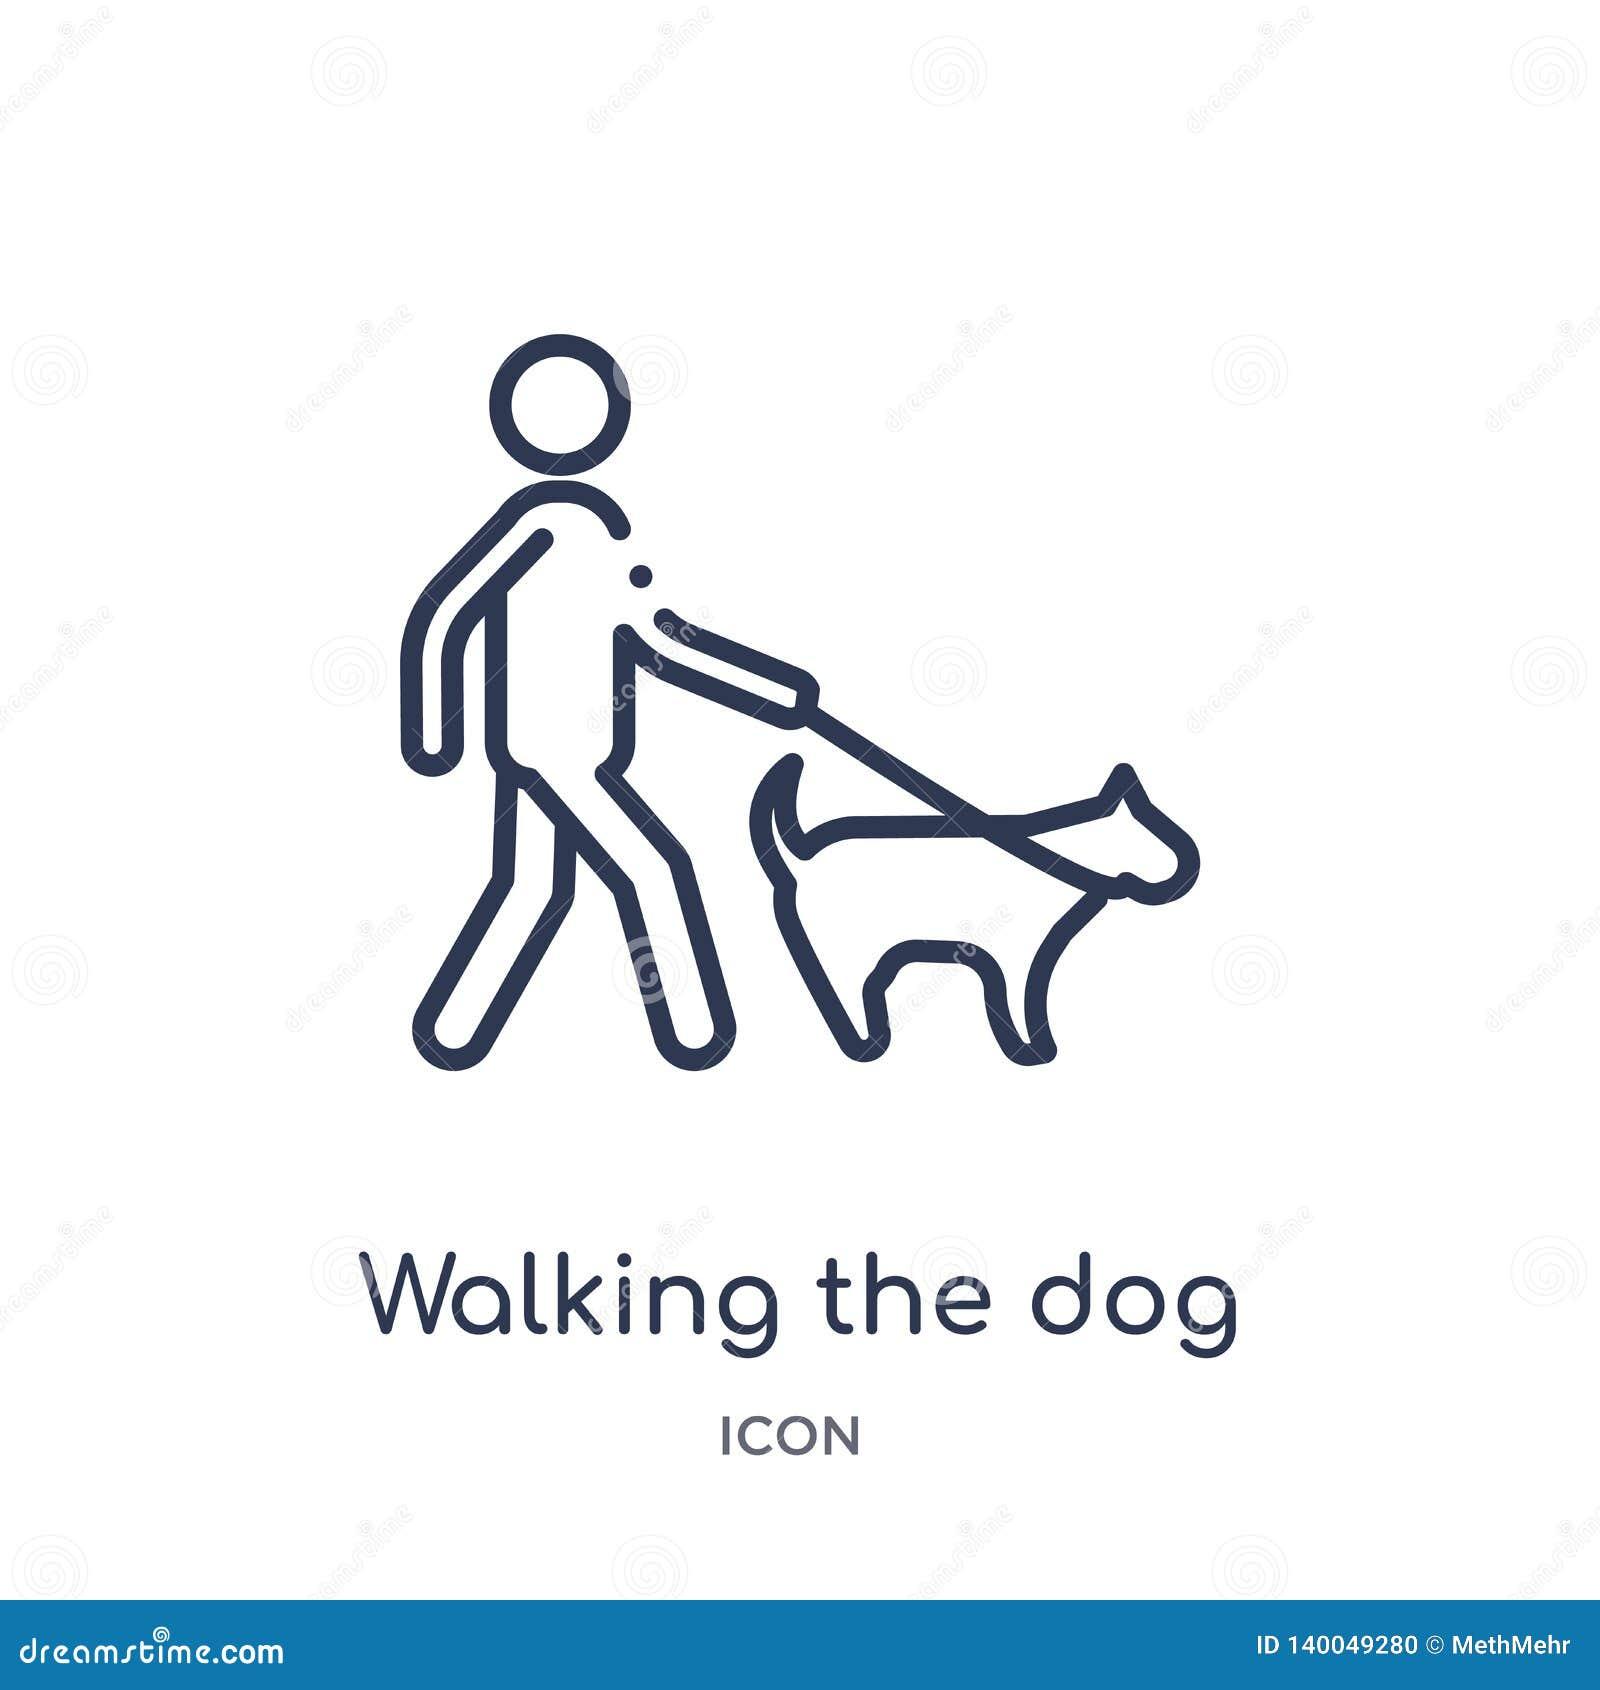 Linear andando o ícone do cão da coleção do esboço do comportamento Linha fina que anda o vetor do cão isolado no fundo branco